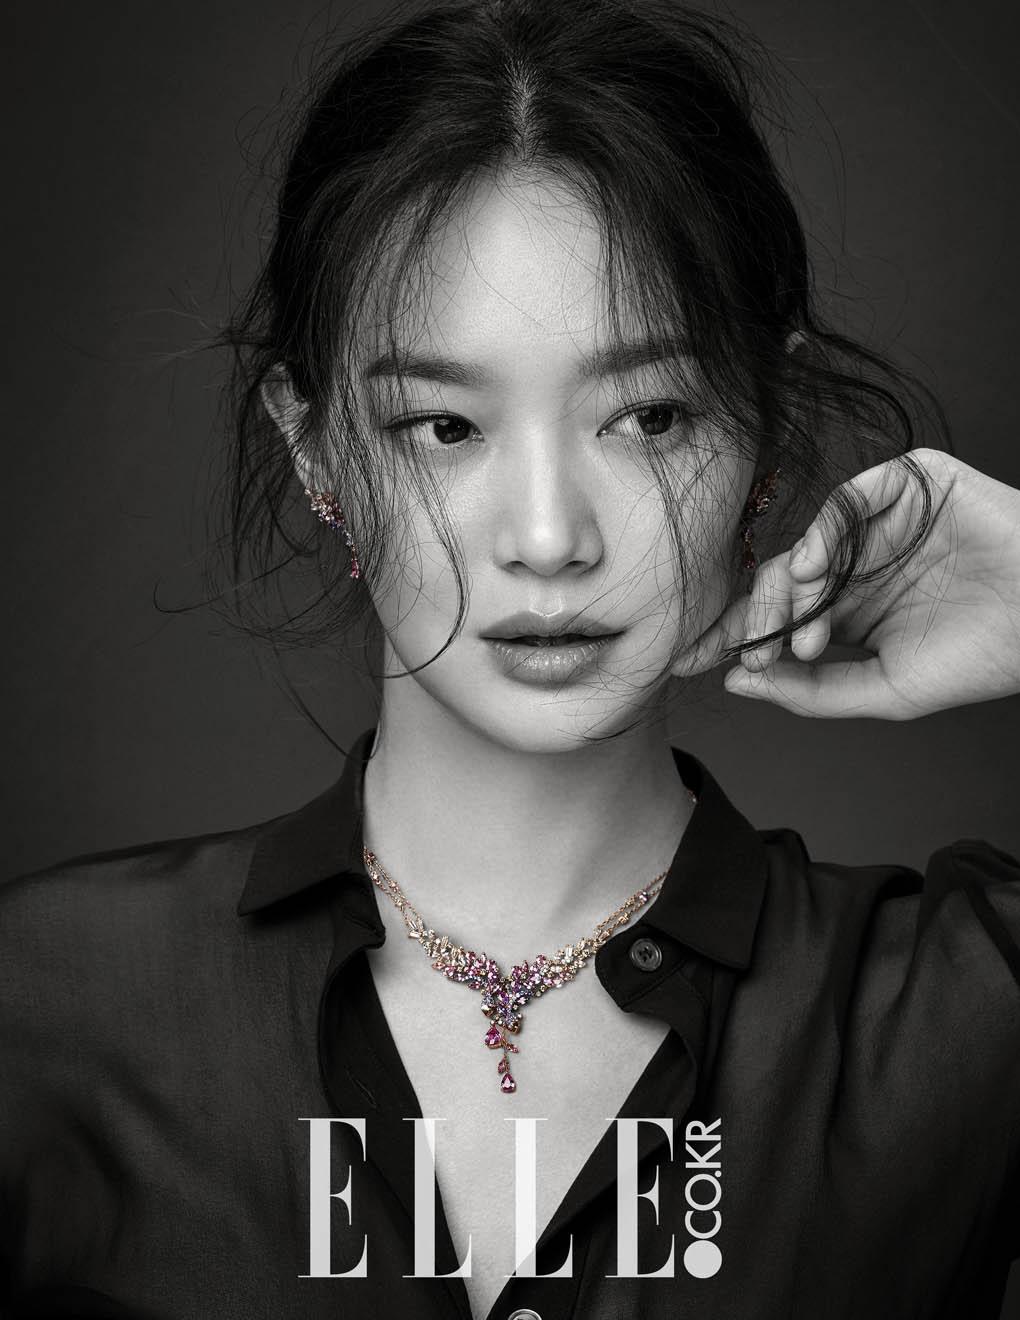 申敏兒_珠寶品牌STONEHENgE_2015_1